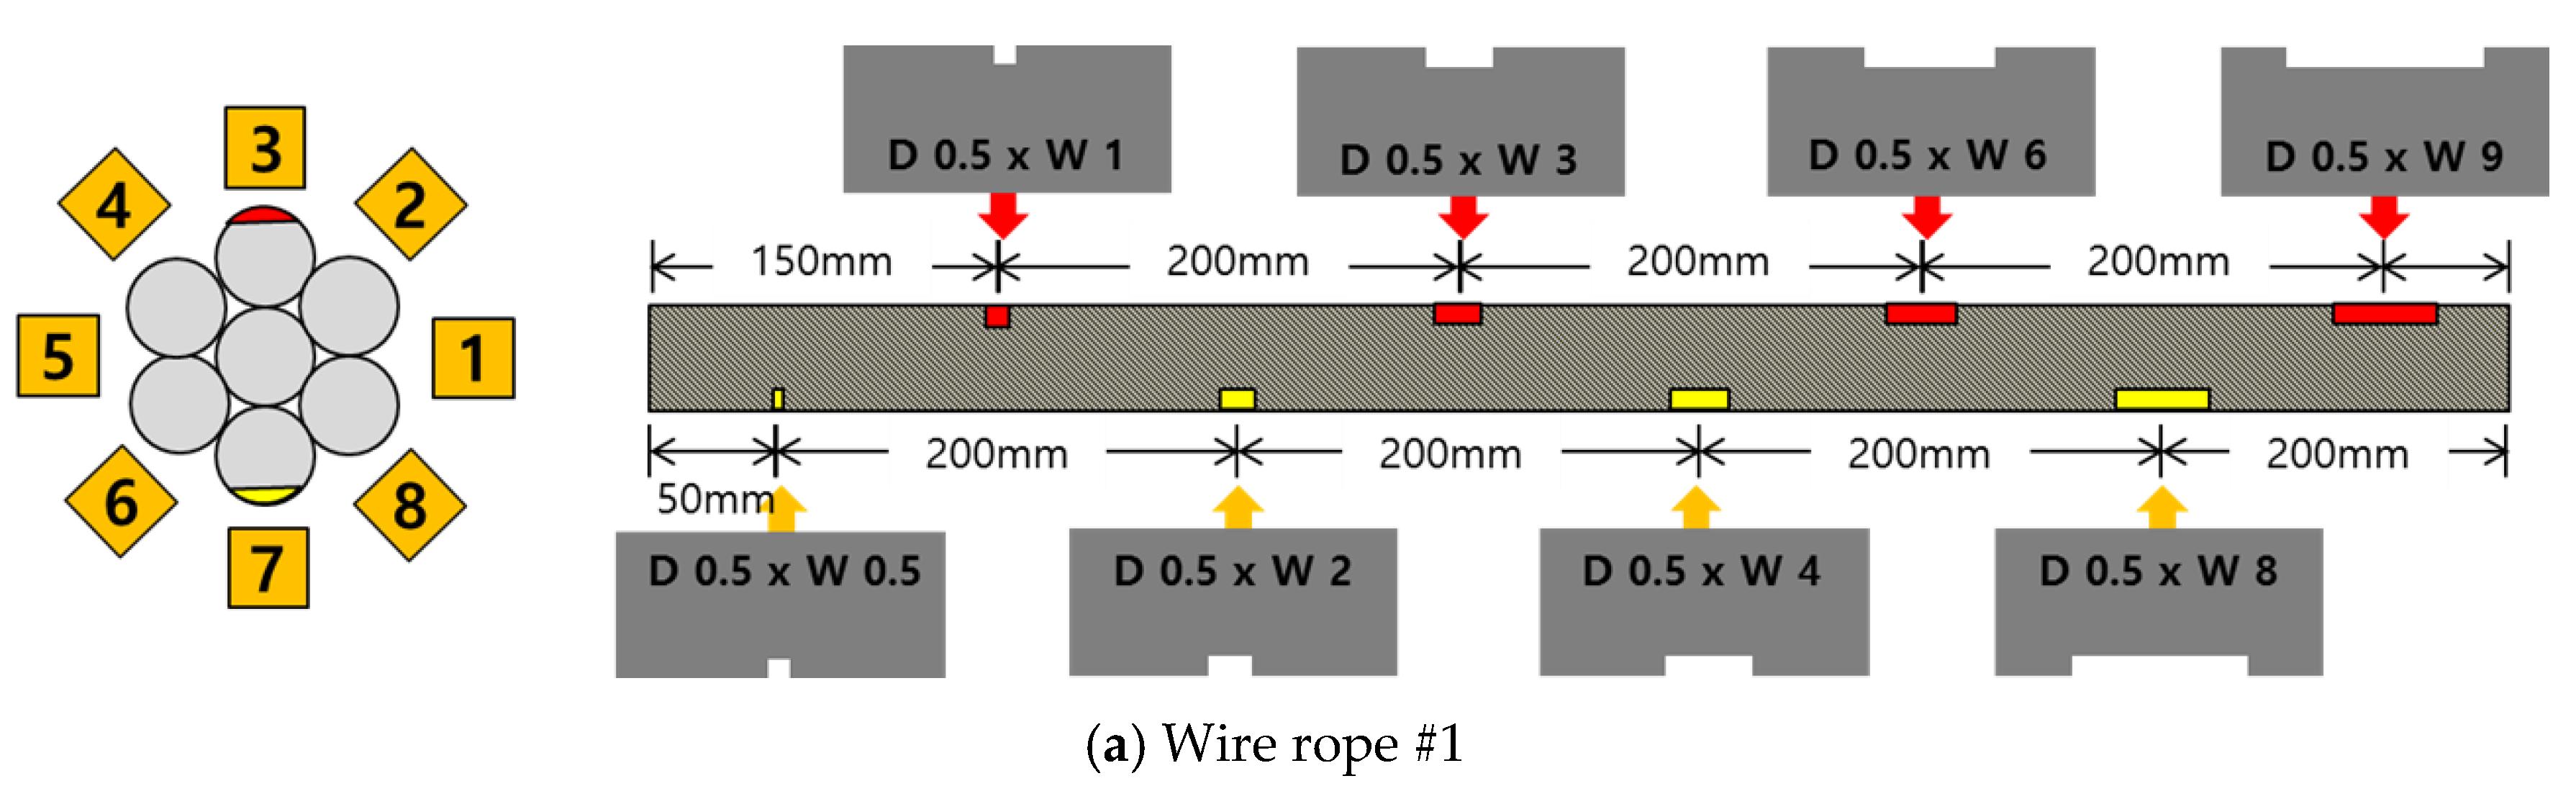 Sensors | Free Full-Text | Magnetic Flux Leakage Sensing and ...